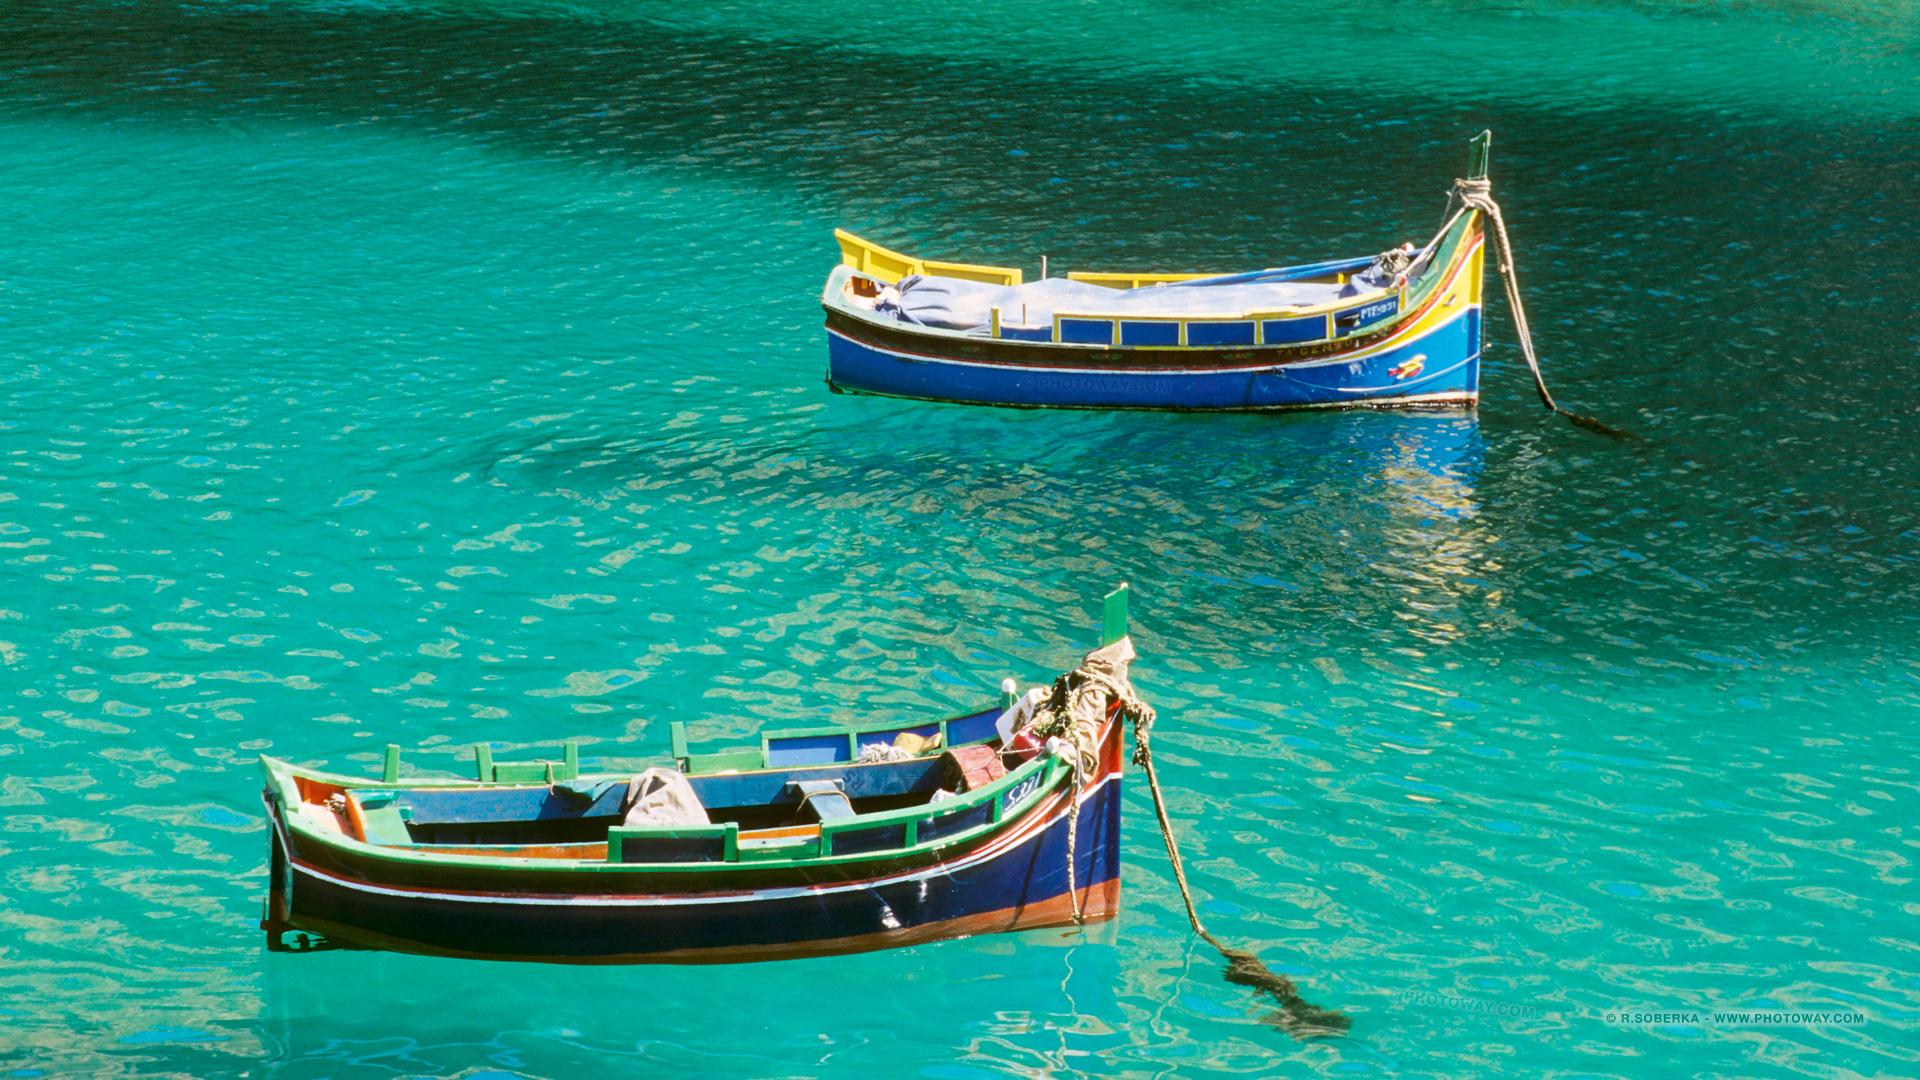 Fond d 39 cran malte fonds d 39 cran bateaux luzzu wallpaper malte for Ecran photo 24 pouces